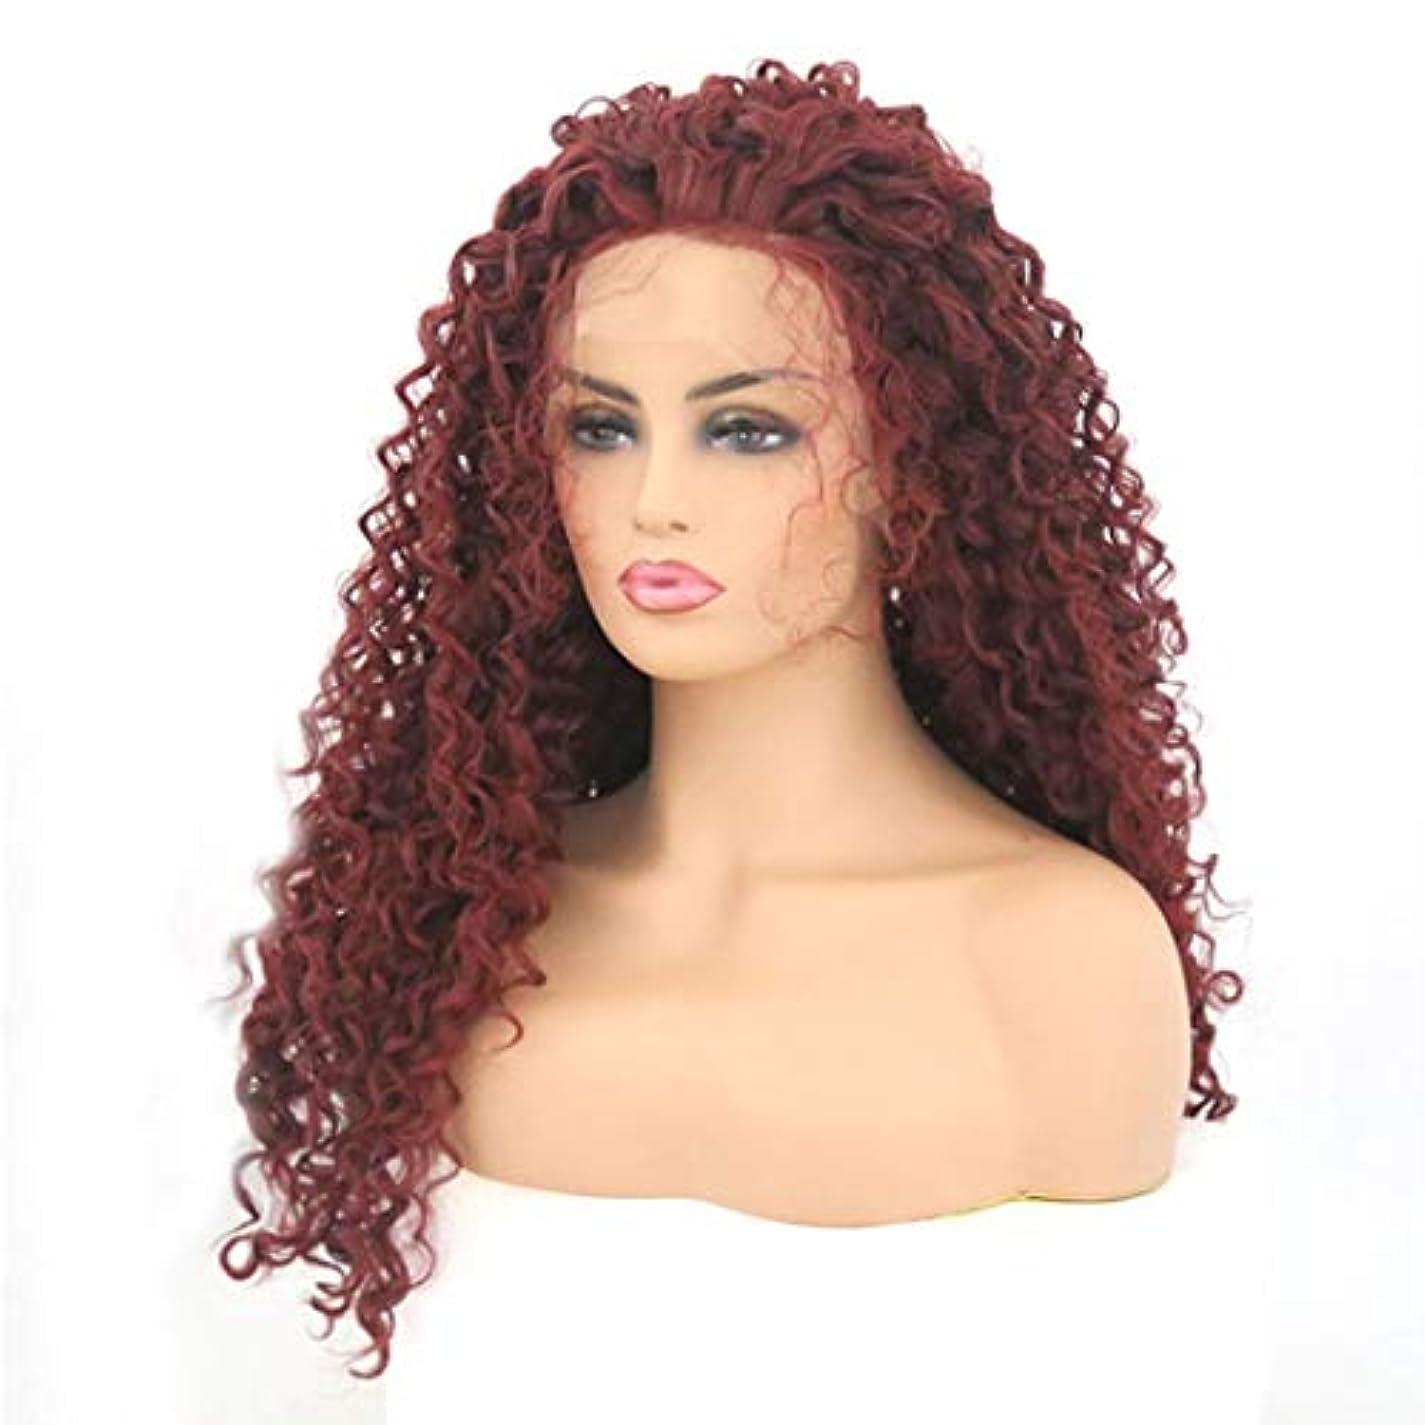 賢明な熟達した従者Kerwinner 本物の髪として自然な女性のためのフロントレースワインレッドカーリーヘアー合成カラフルなコスプレデイリーパーティーウィッグ